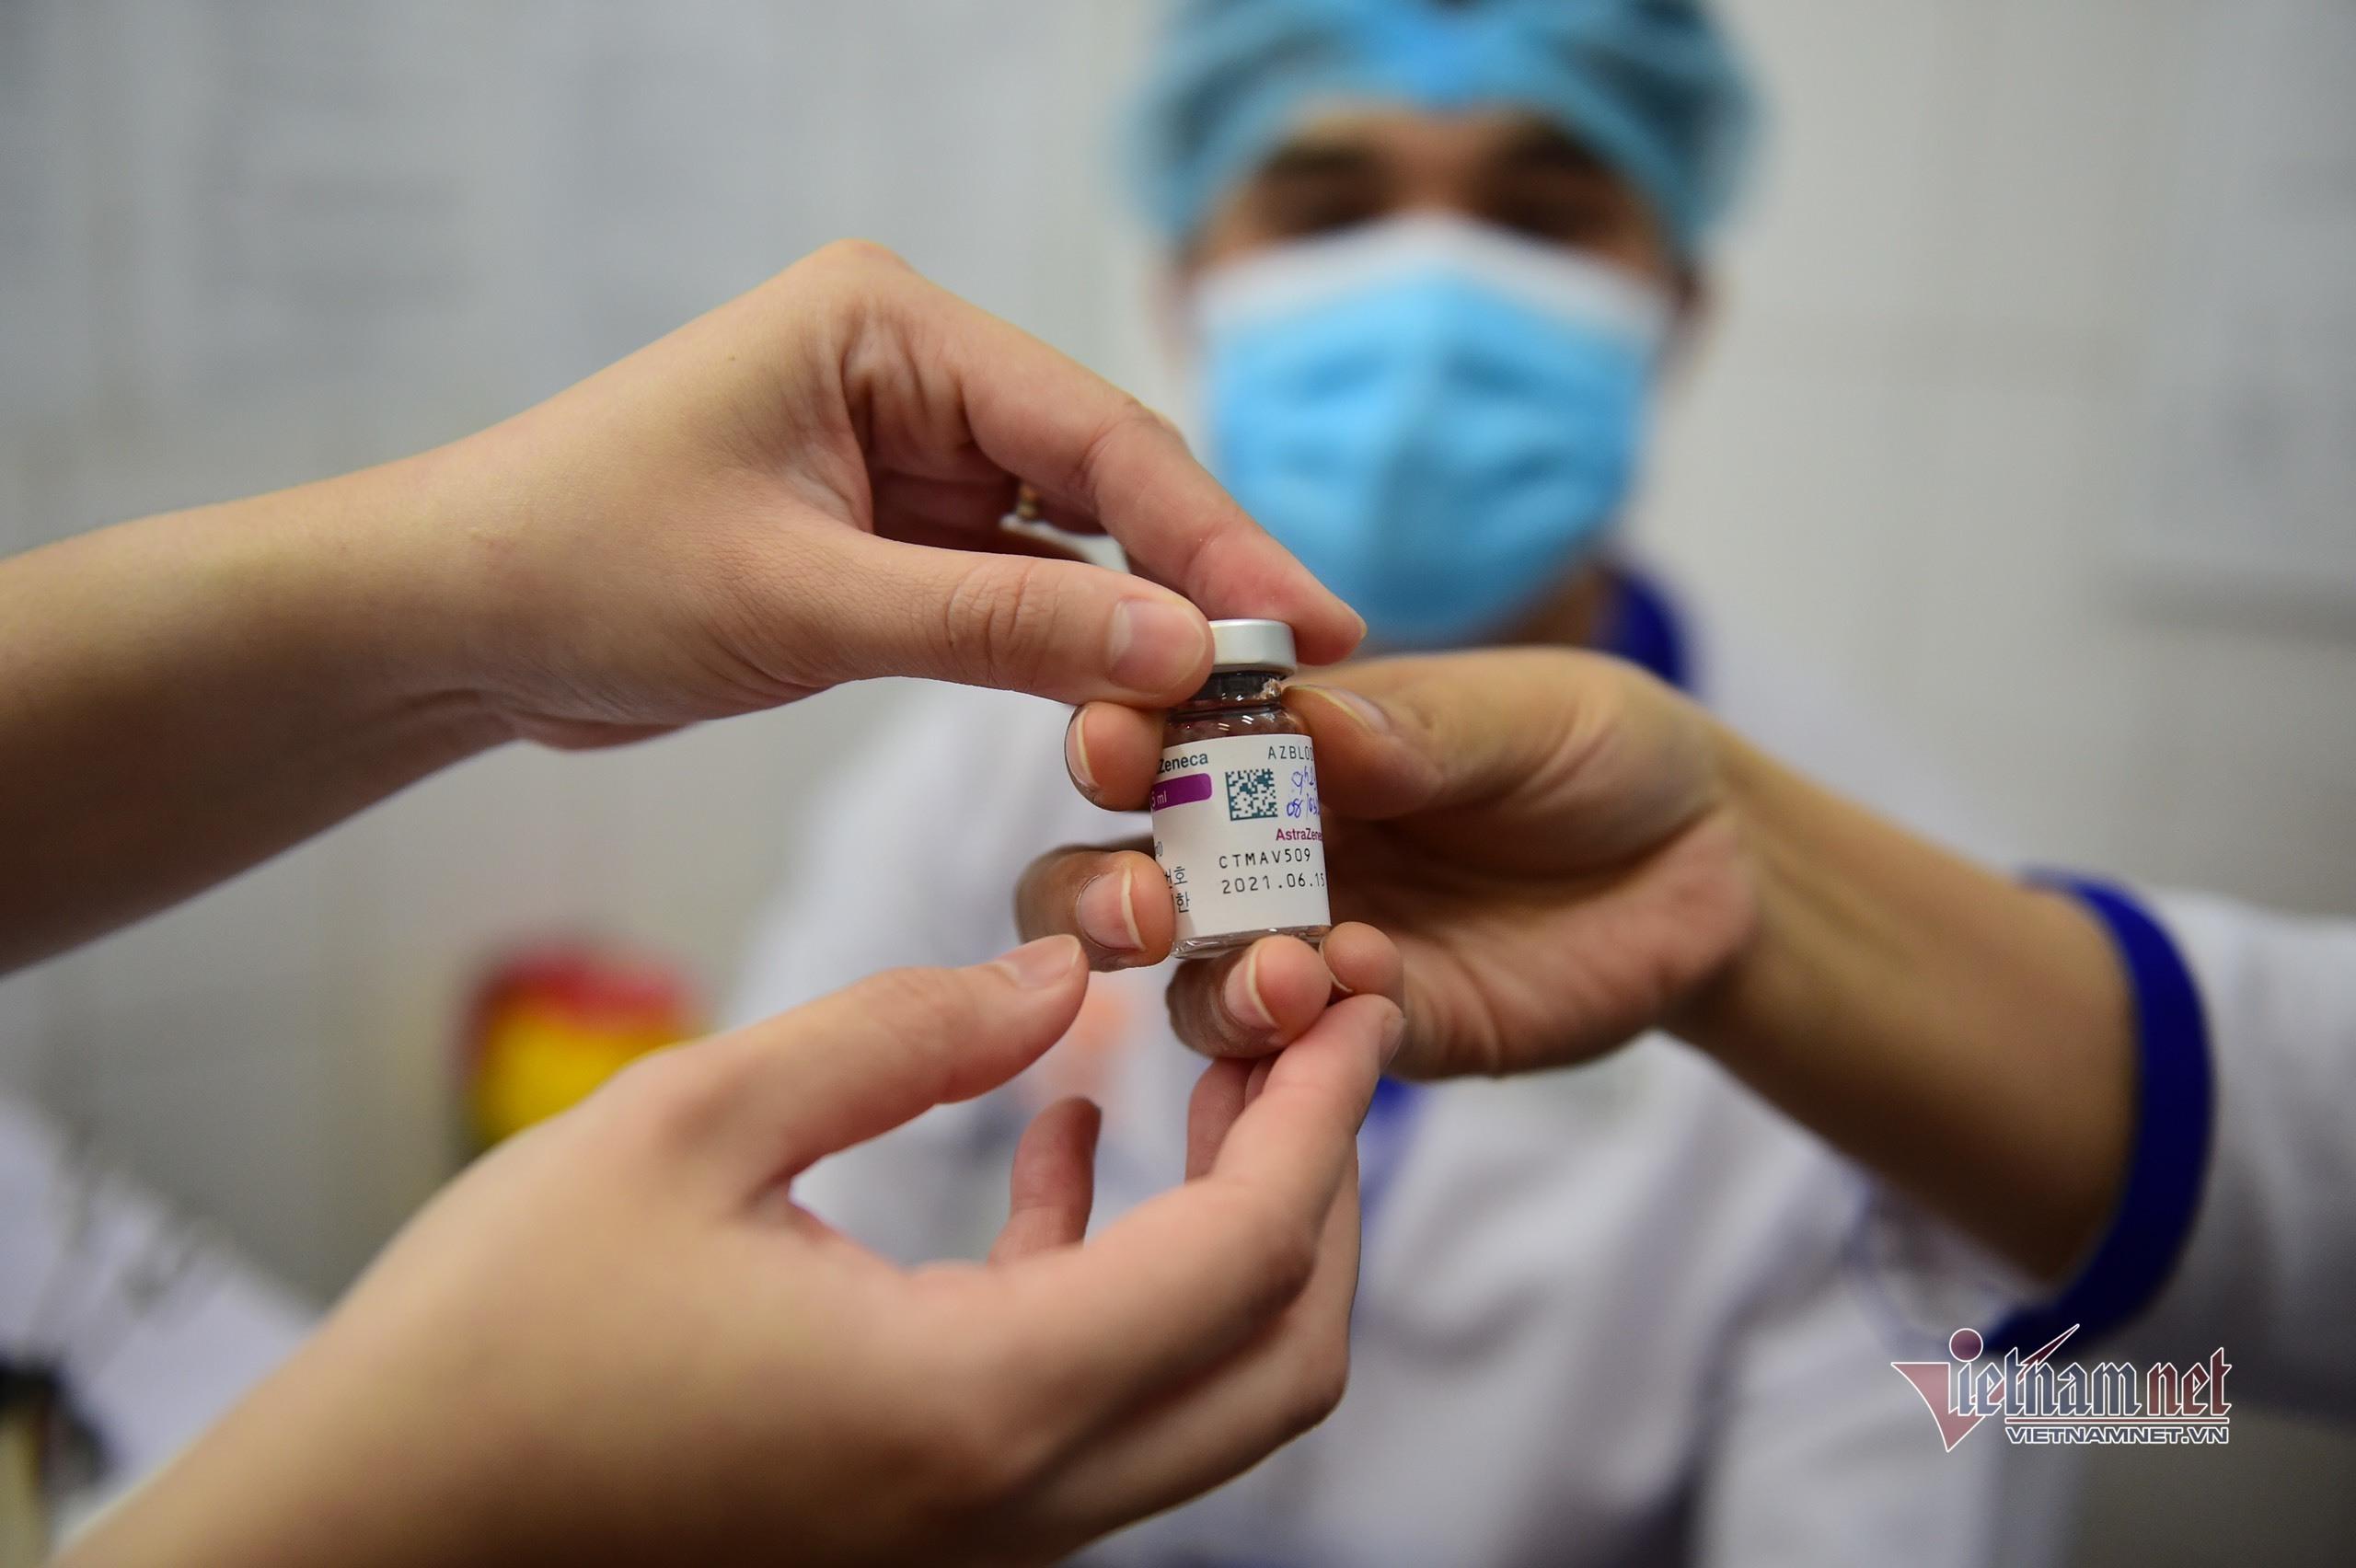 Bộ Y tế thông tin về vắc xin Covid-19 của AstraZeneca dừng tiêm ở một số nước